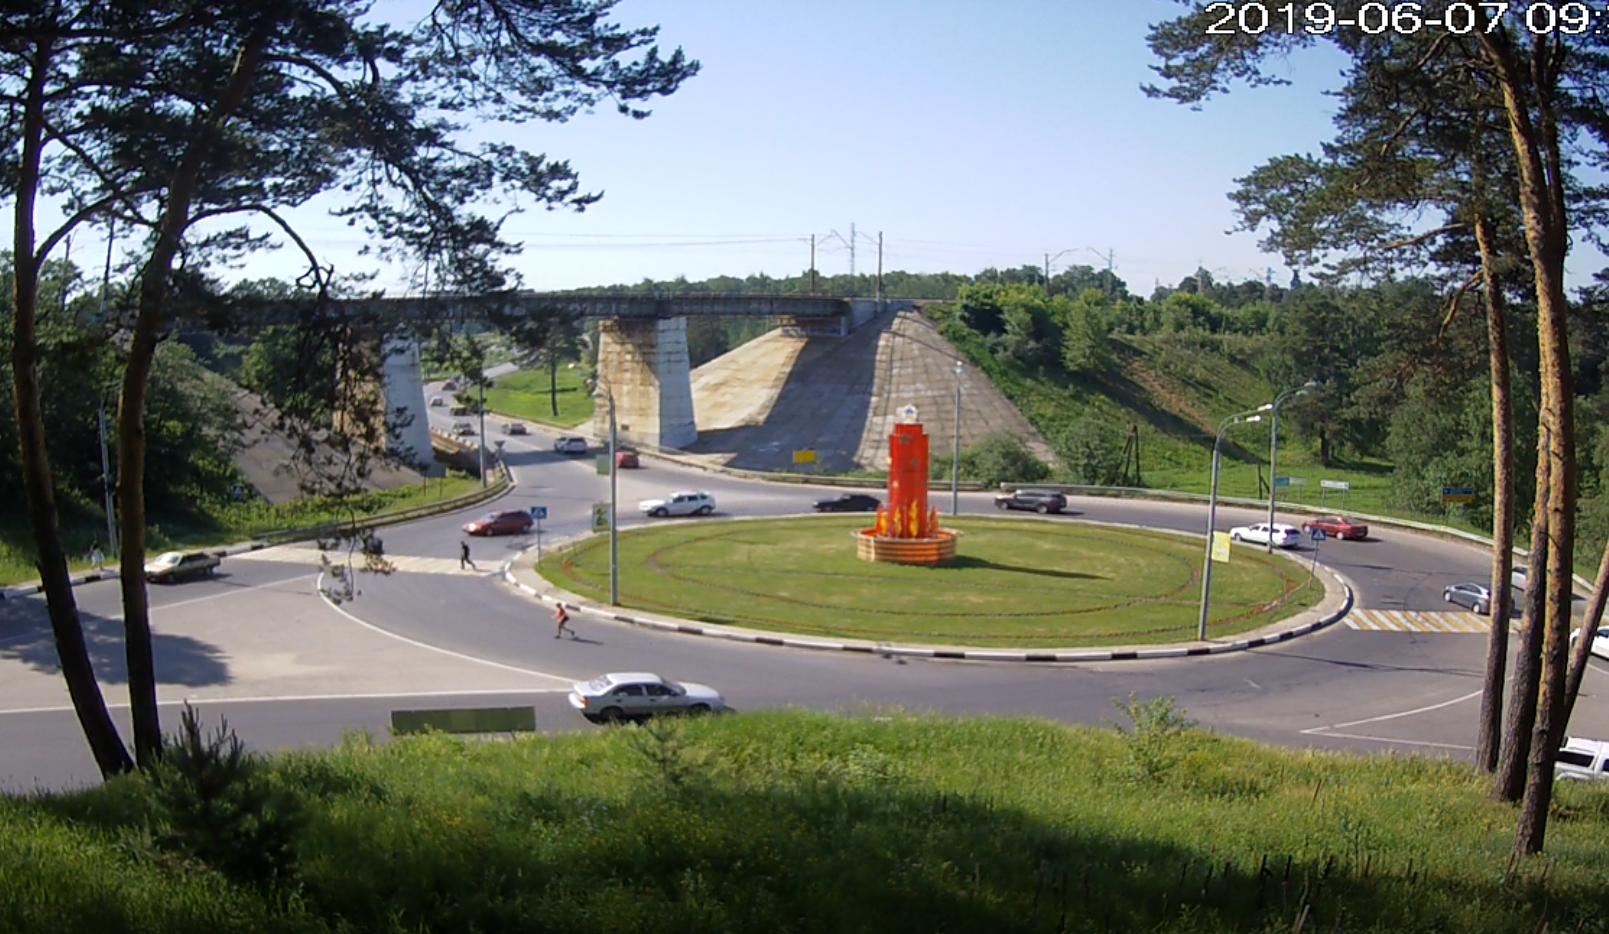 ДТП на круге у моста